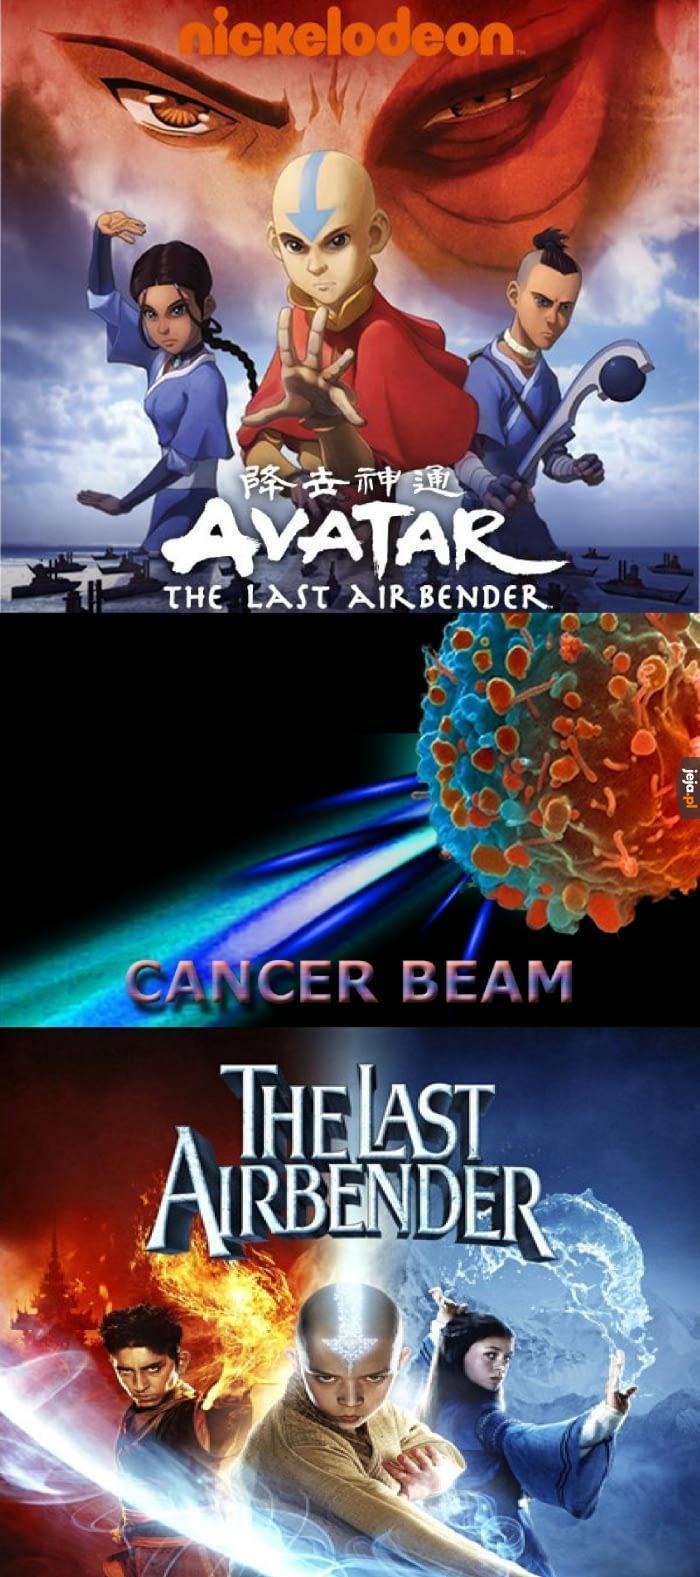 Rak to straszna choroba